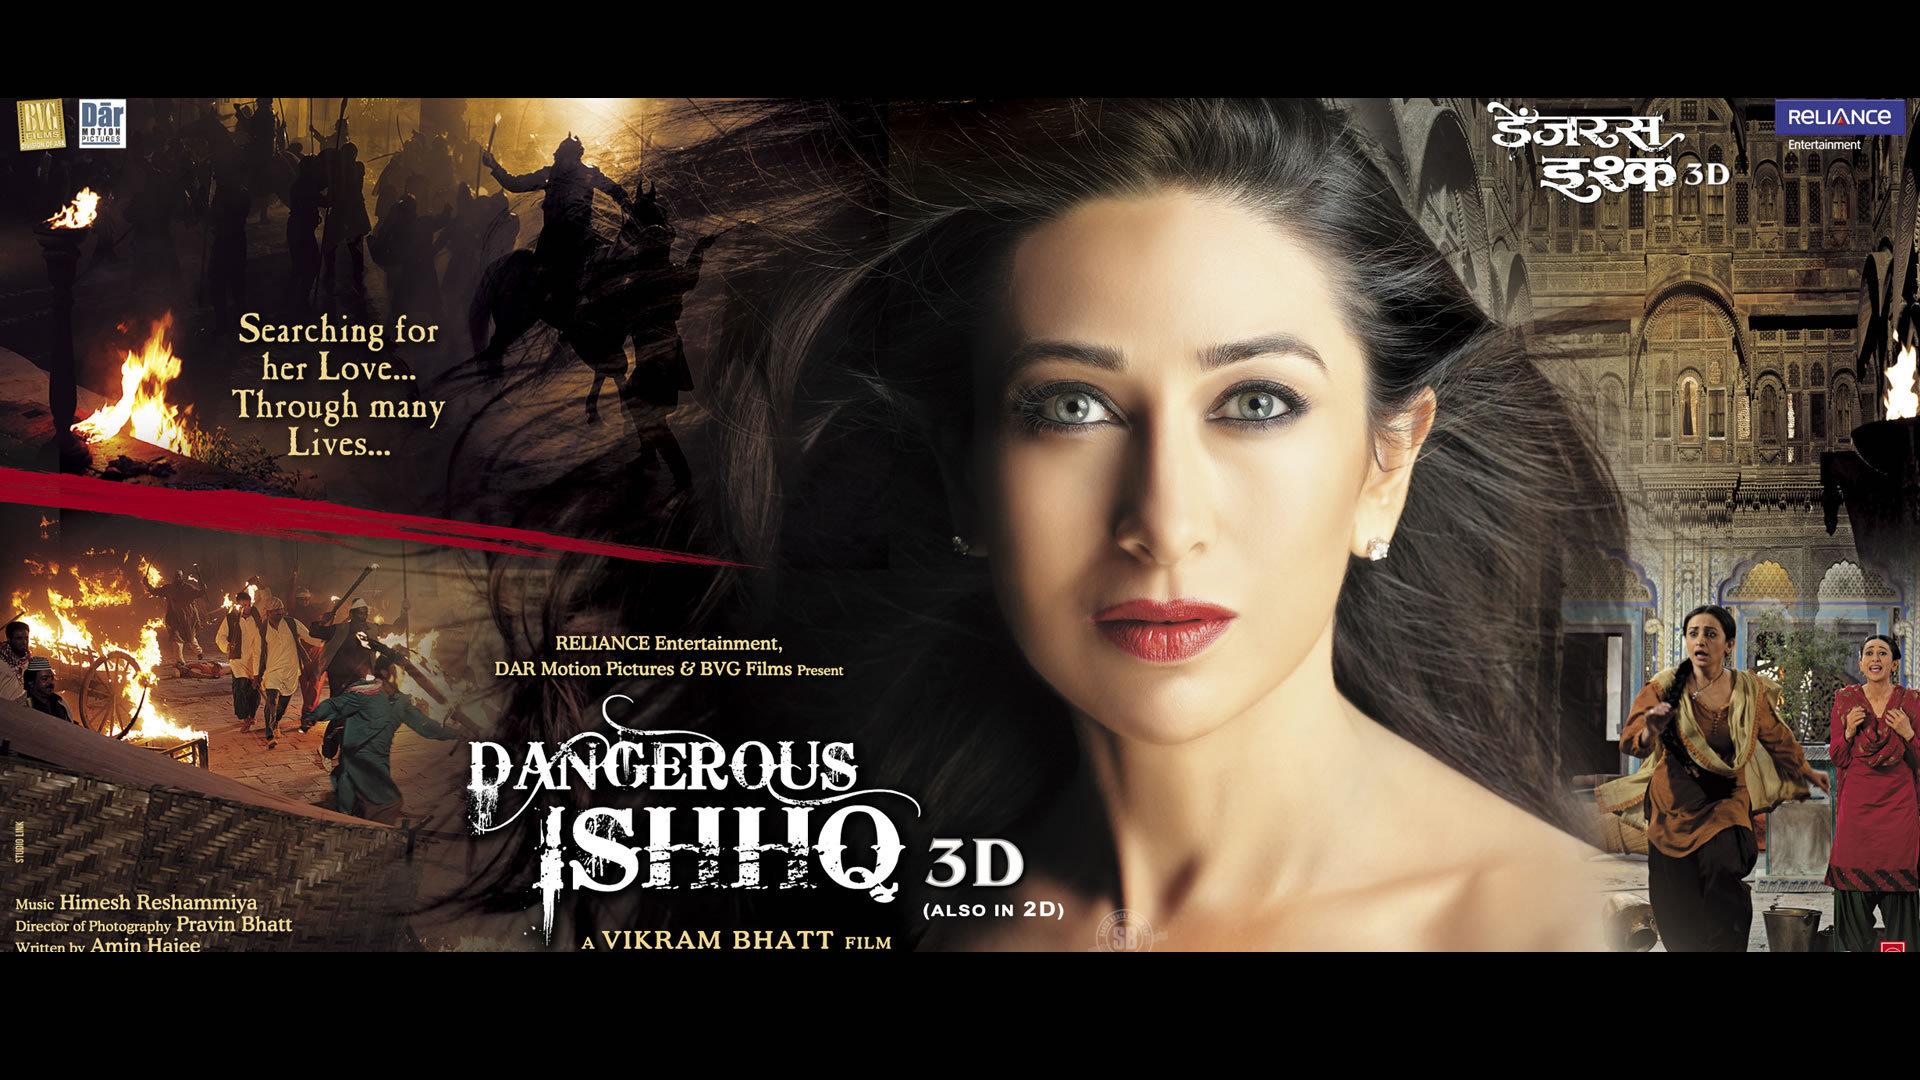 Опасная любовь 3D смотреть фото